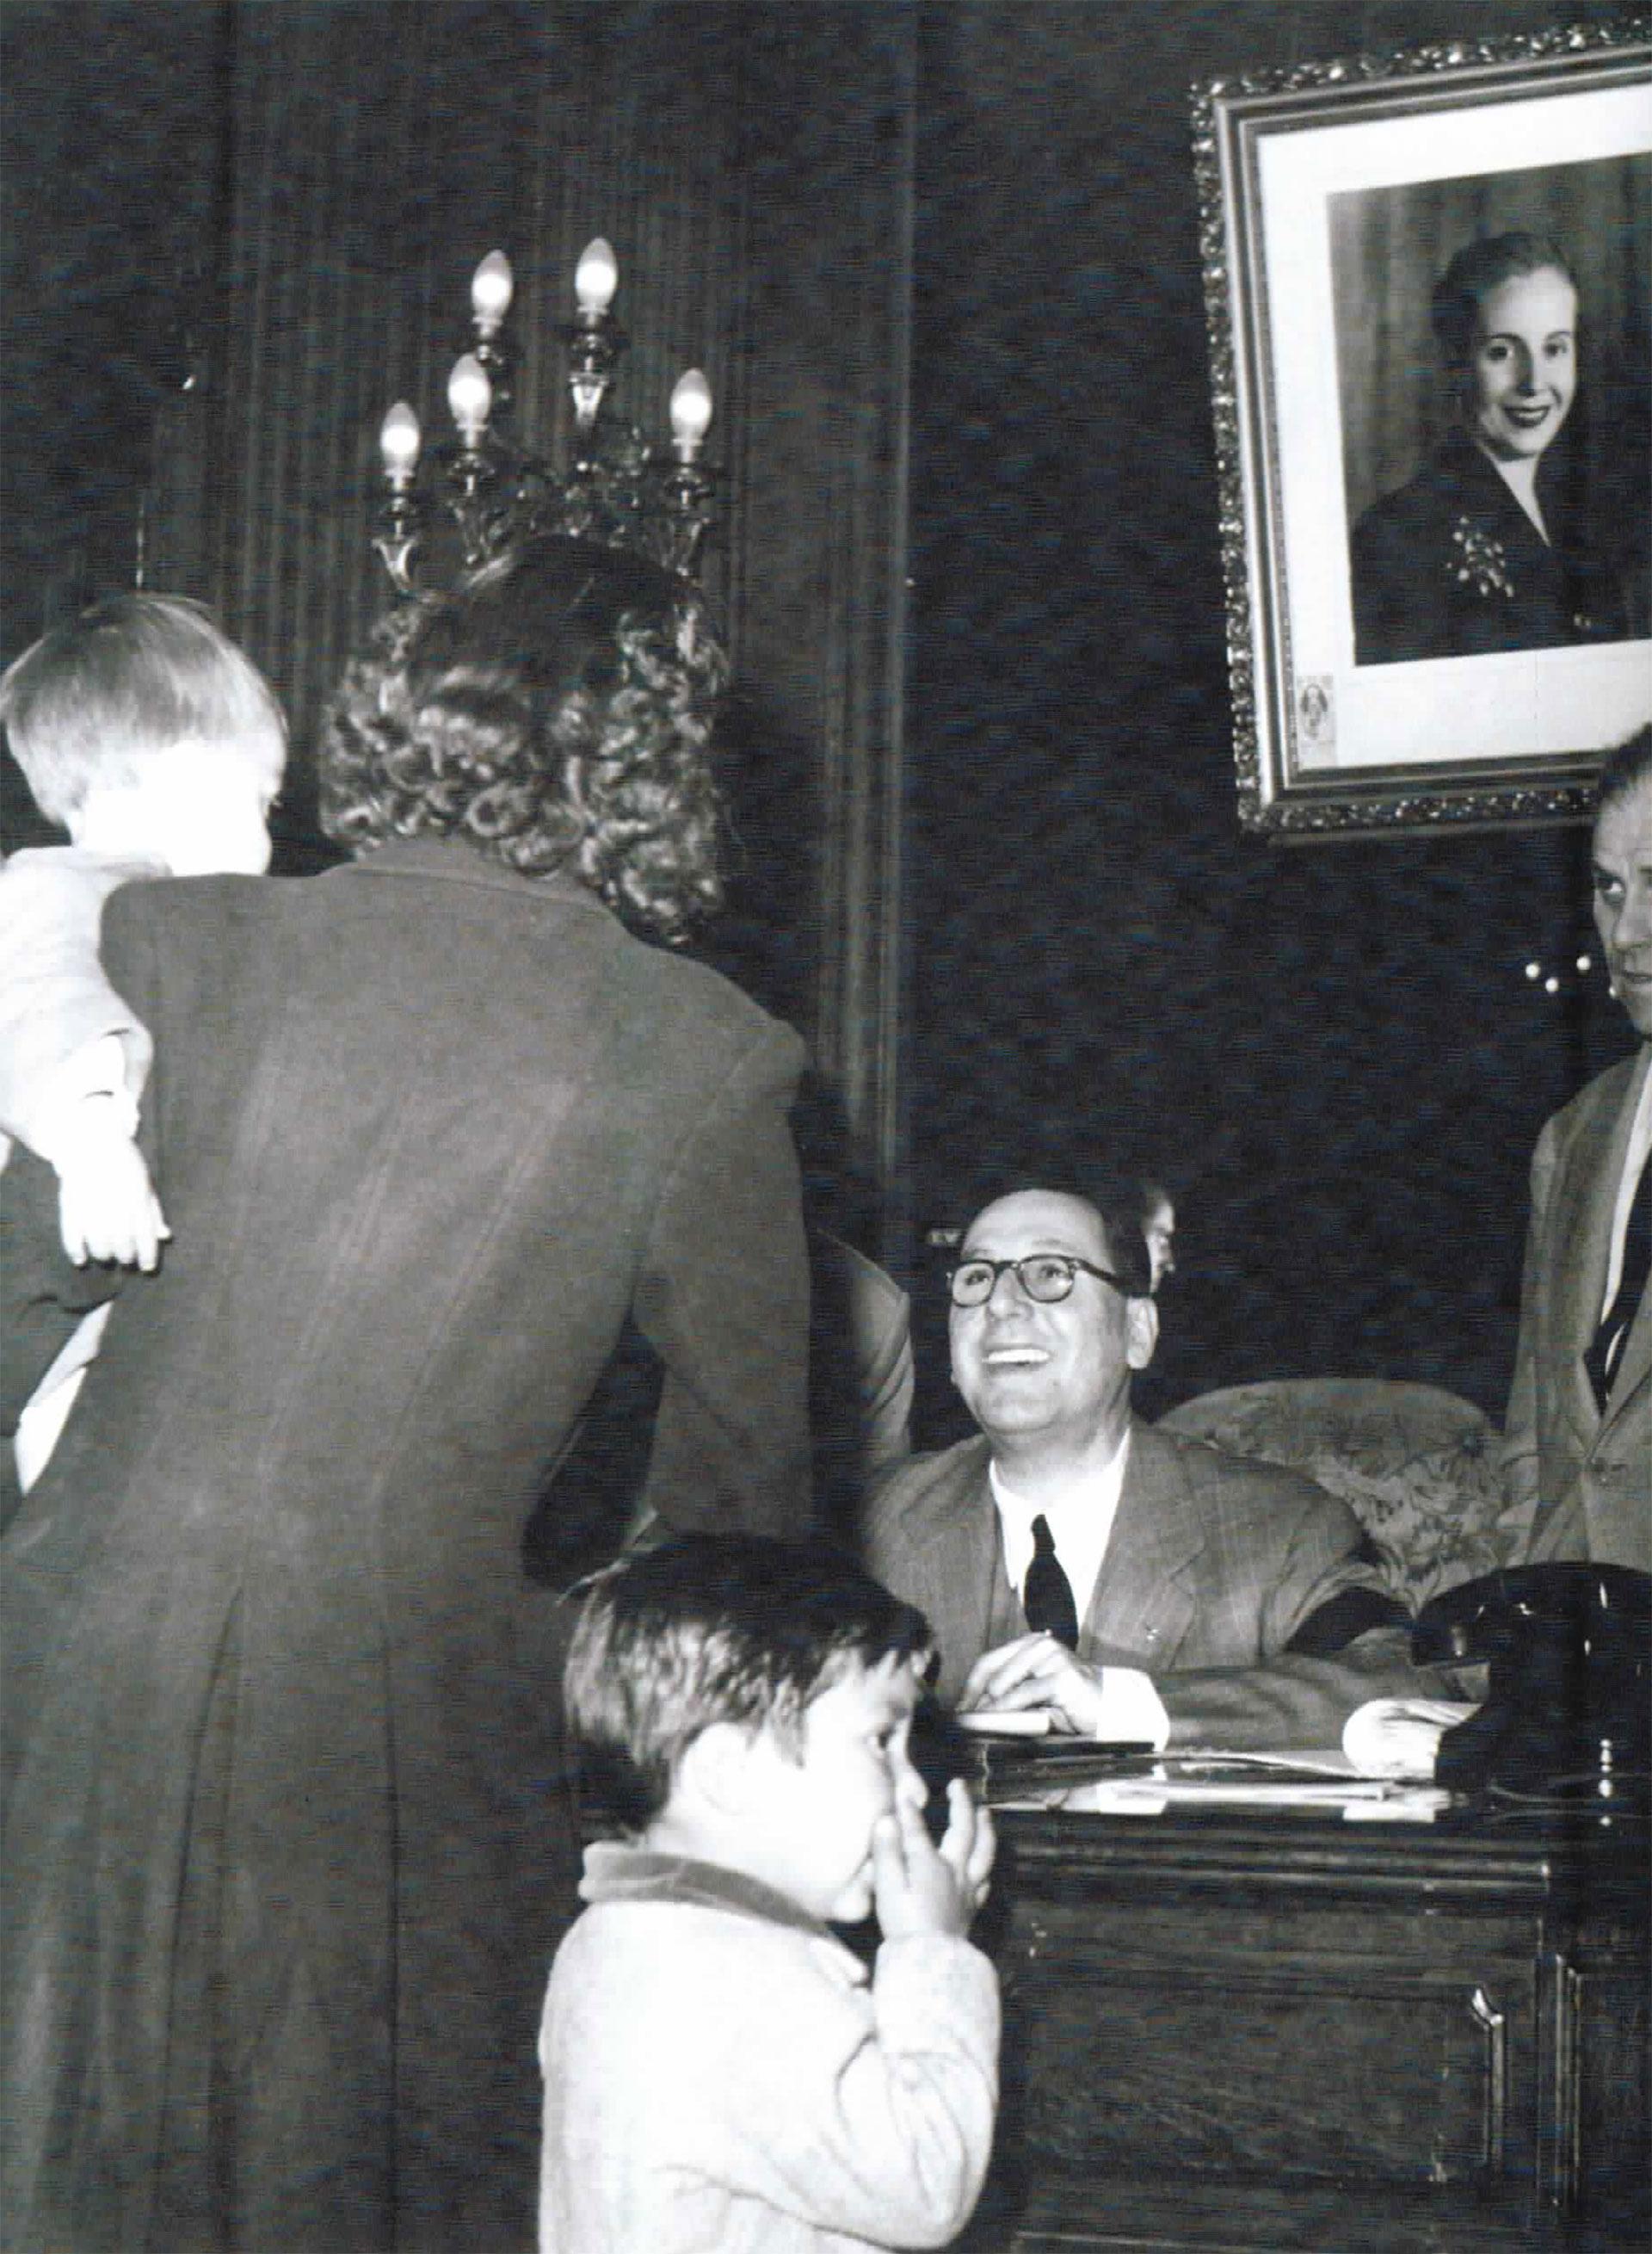 Perón atendiendo en el despacho de Evita, en los días posteriores a su muerte